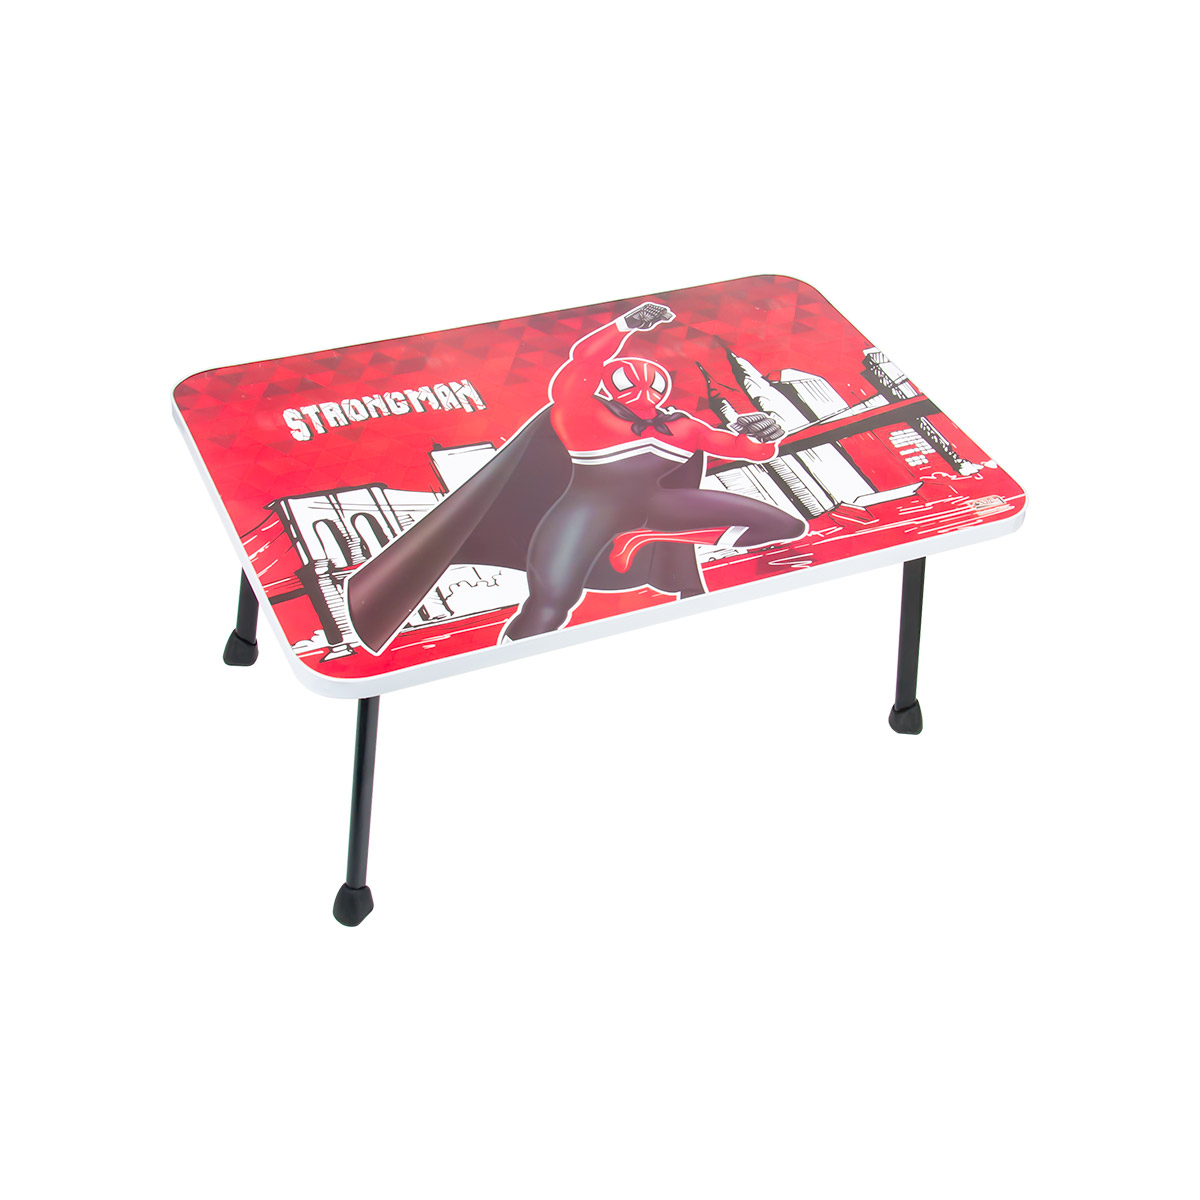 طاولة اطفال مدرسية  ارضي , قابلة للطي   رقم 032-4043